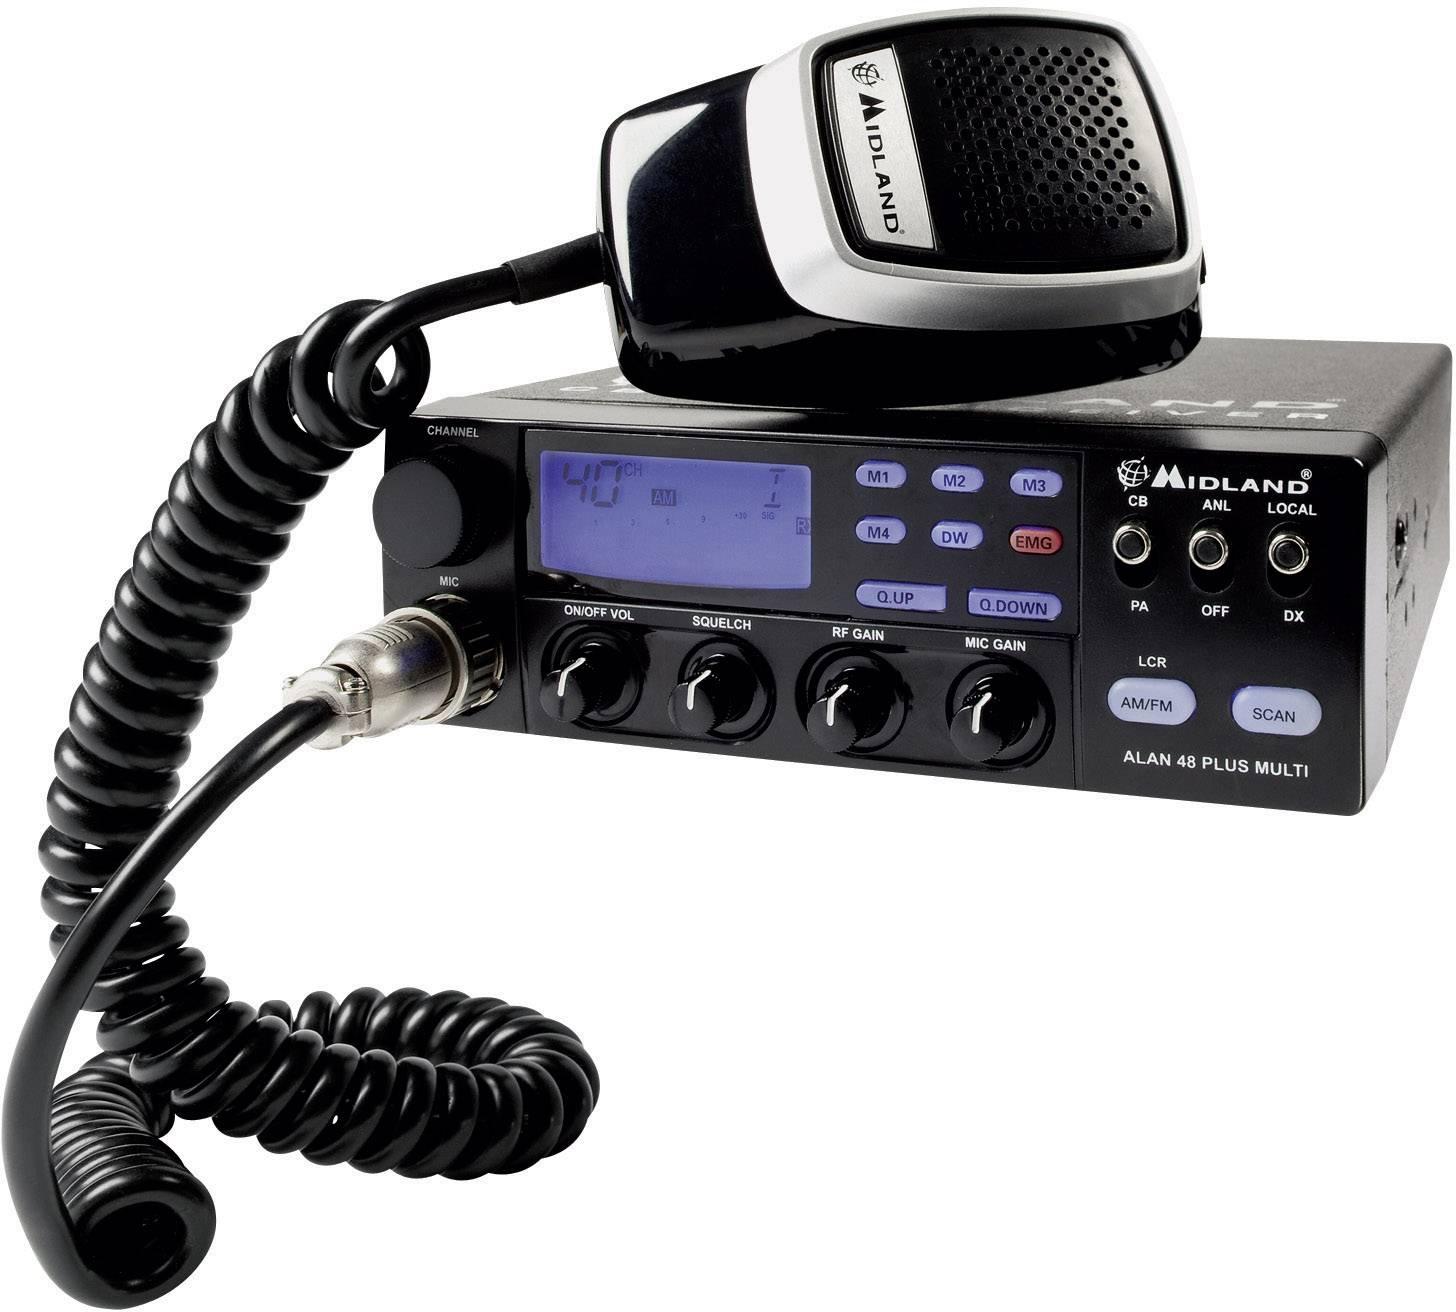 CB rádiostanica/vysielačka Midland ALAN 48 B Plus C422.15